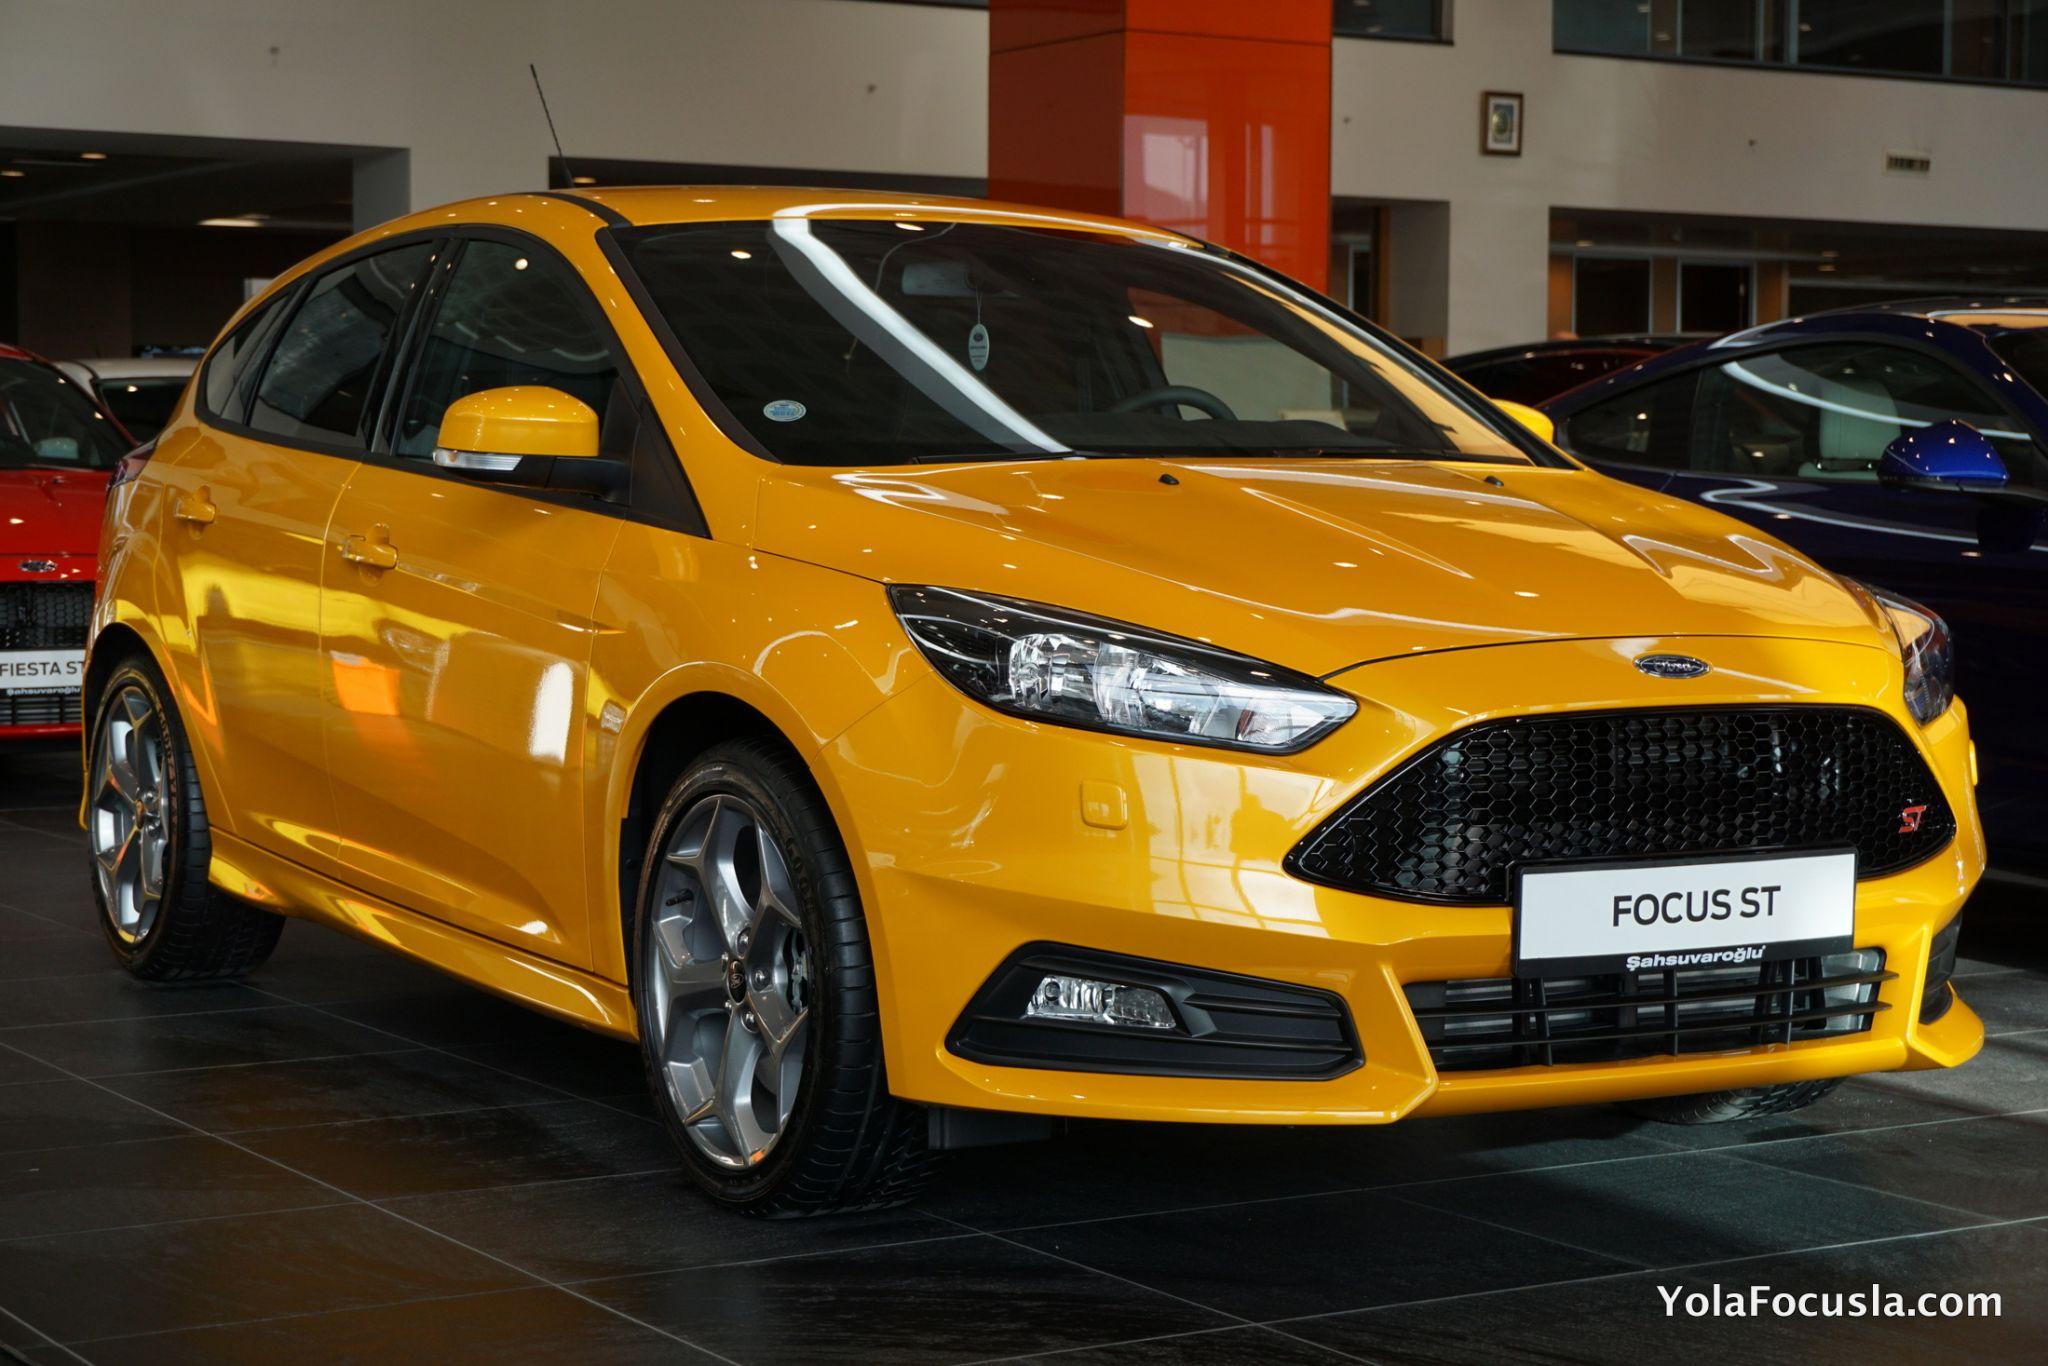 Ford Focus Клуб - Главная страница